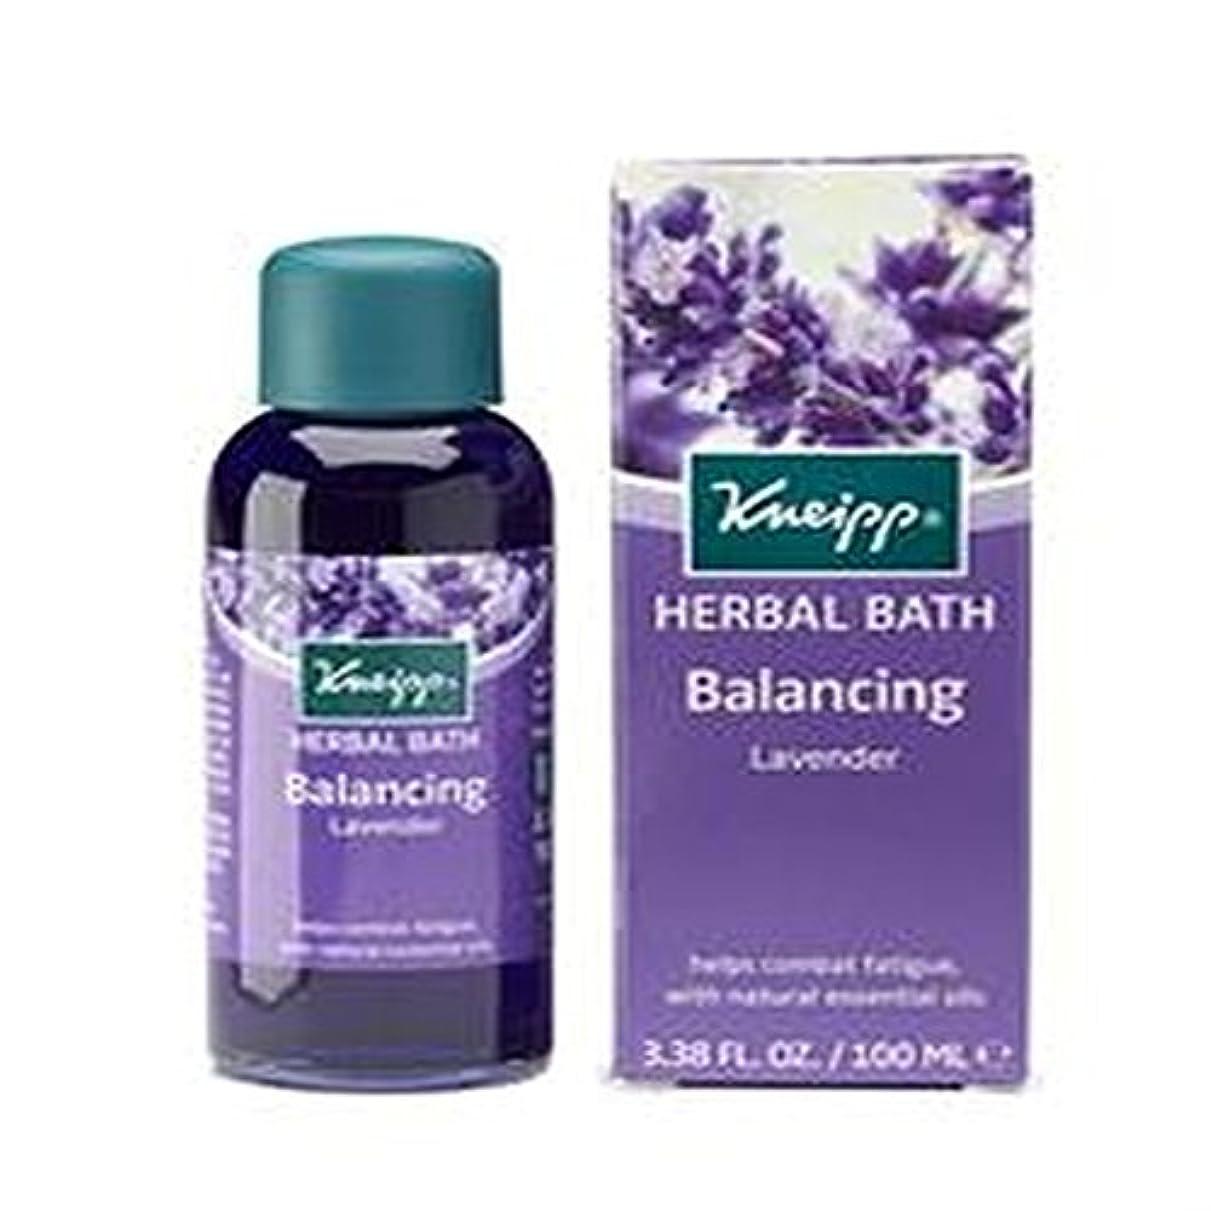 構想するヘルシータービンKneipp Balancing Lavender Herbal Bath - 3.38 Oz. (並行輸入品) [並行輸入品]